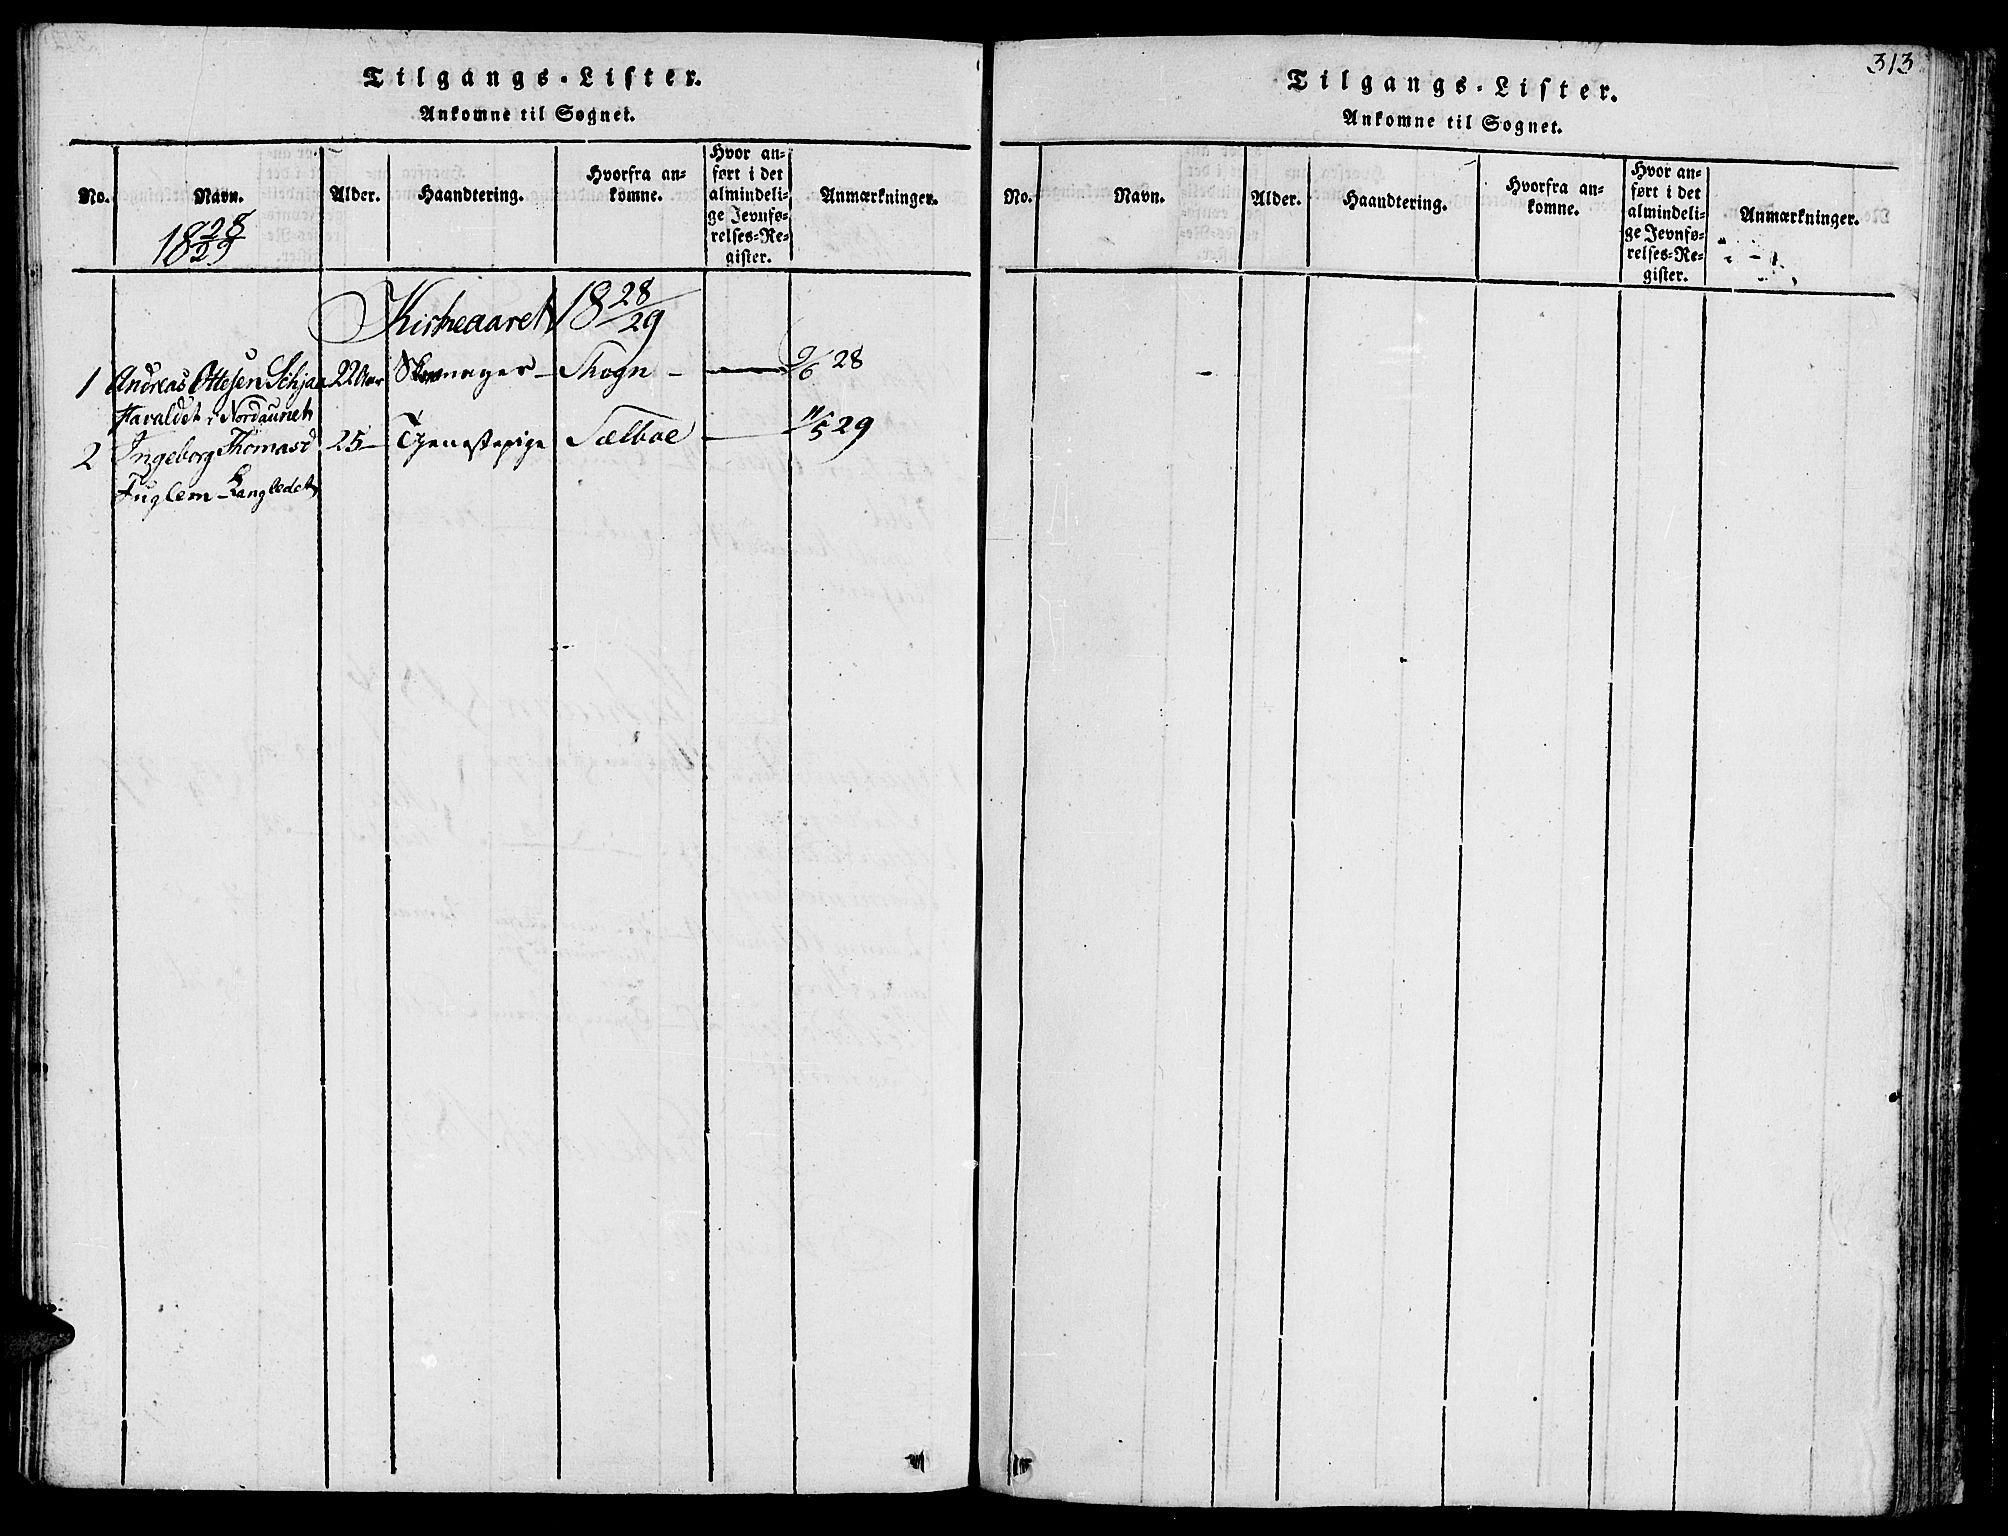 SAT, Ministerialprotokoller, klokkerbøker og fødselsregistre - Sør-Trøndelag, 685/L0954: Ministerialbok nr. 685A03 /1, 1817-1829, s. 313